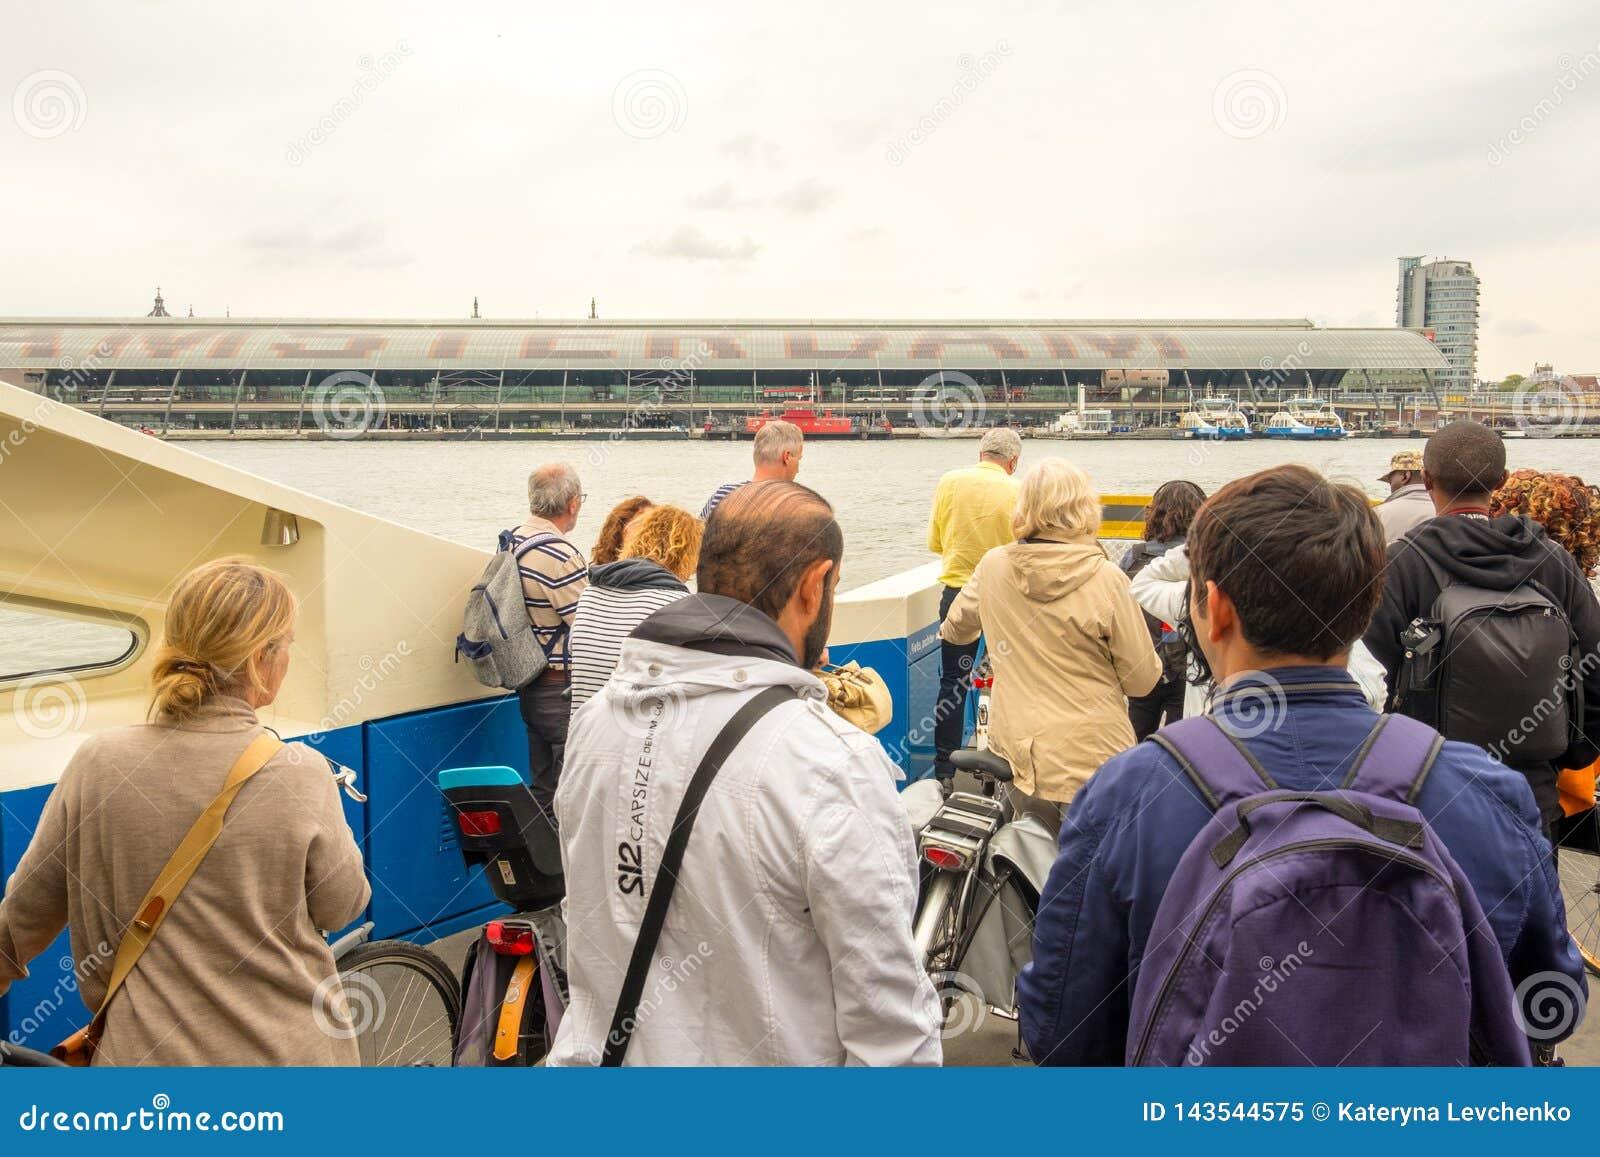 Groep mensen op de rubriek van de passagiersveerboot naar de centrale post in Amsterdam, Nederland